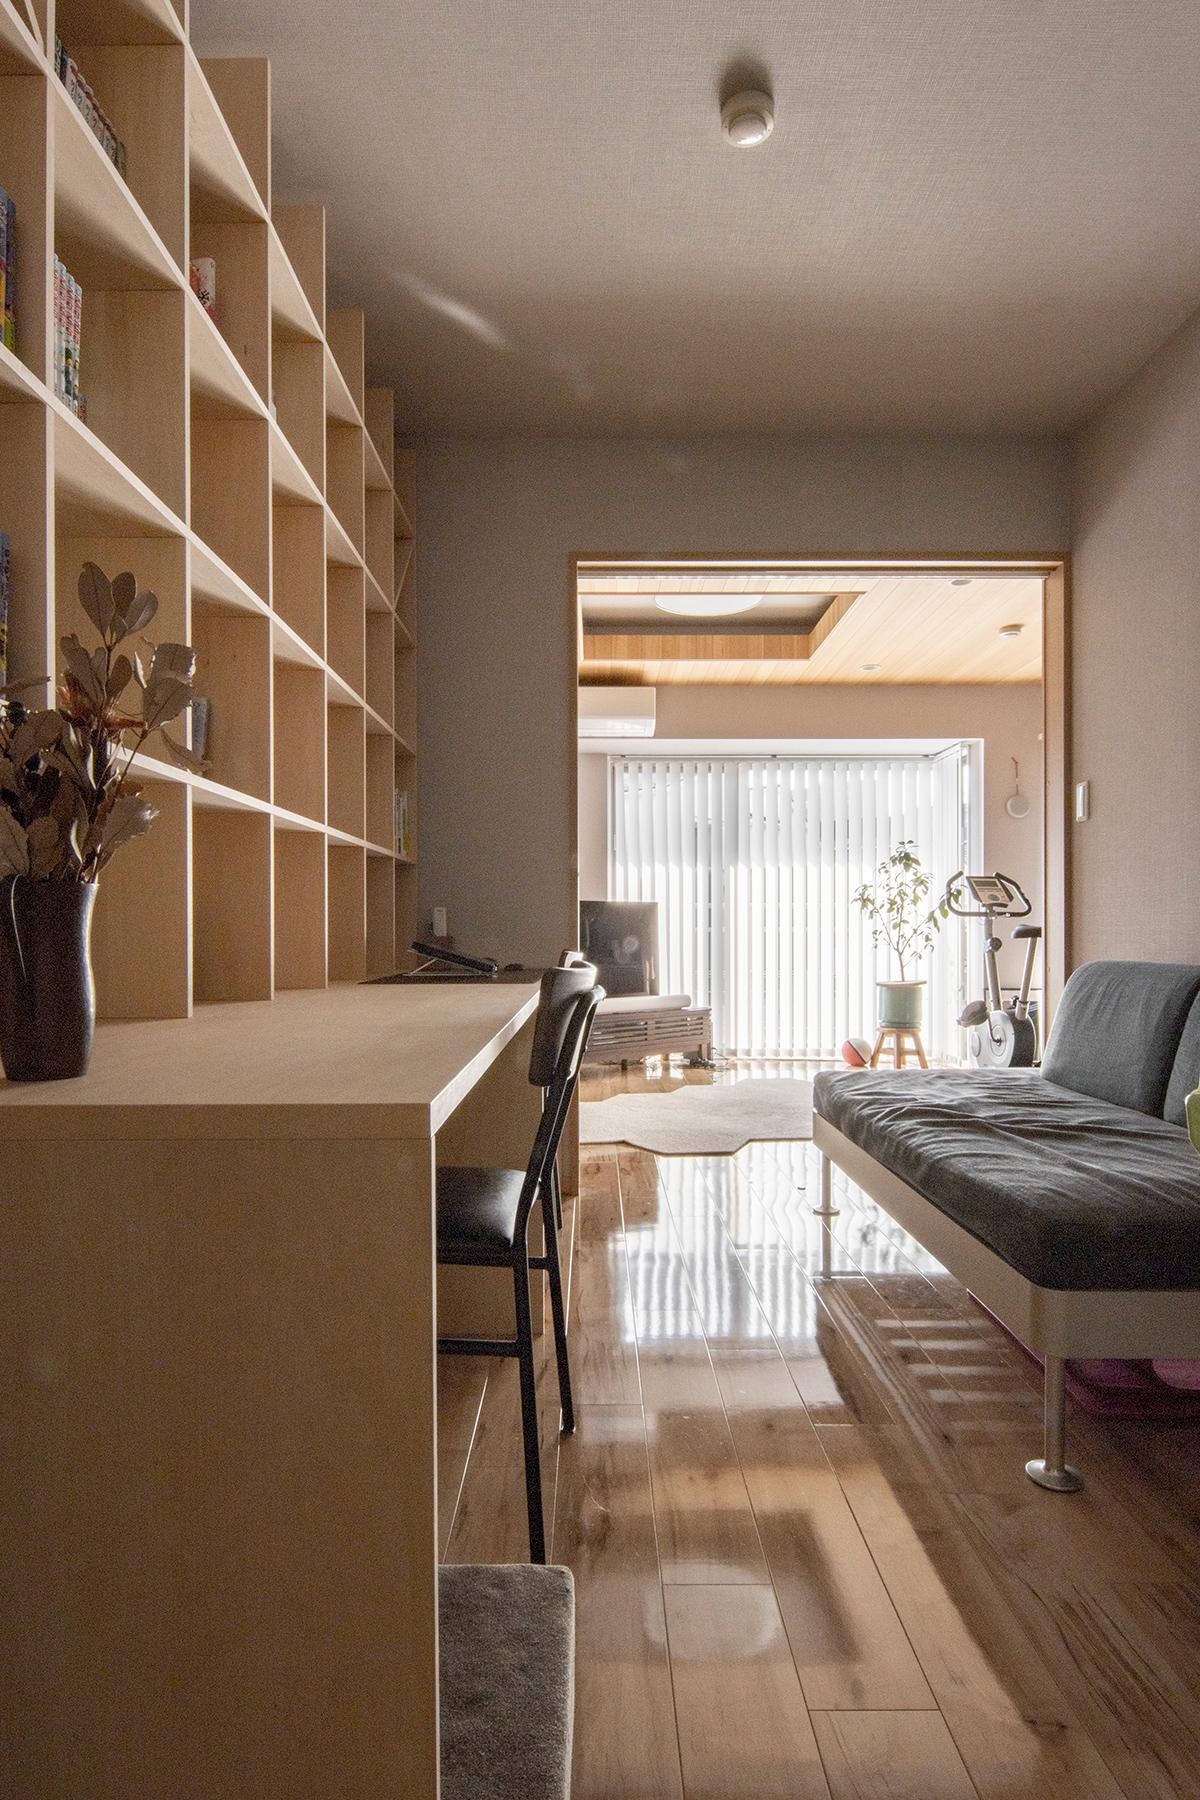 リビングと仕切られた静かな部屋に | カウンター付き本棚 / Shelf (No.38) | マルゲリータ使用例